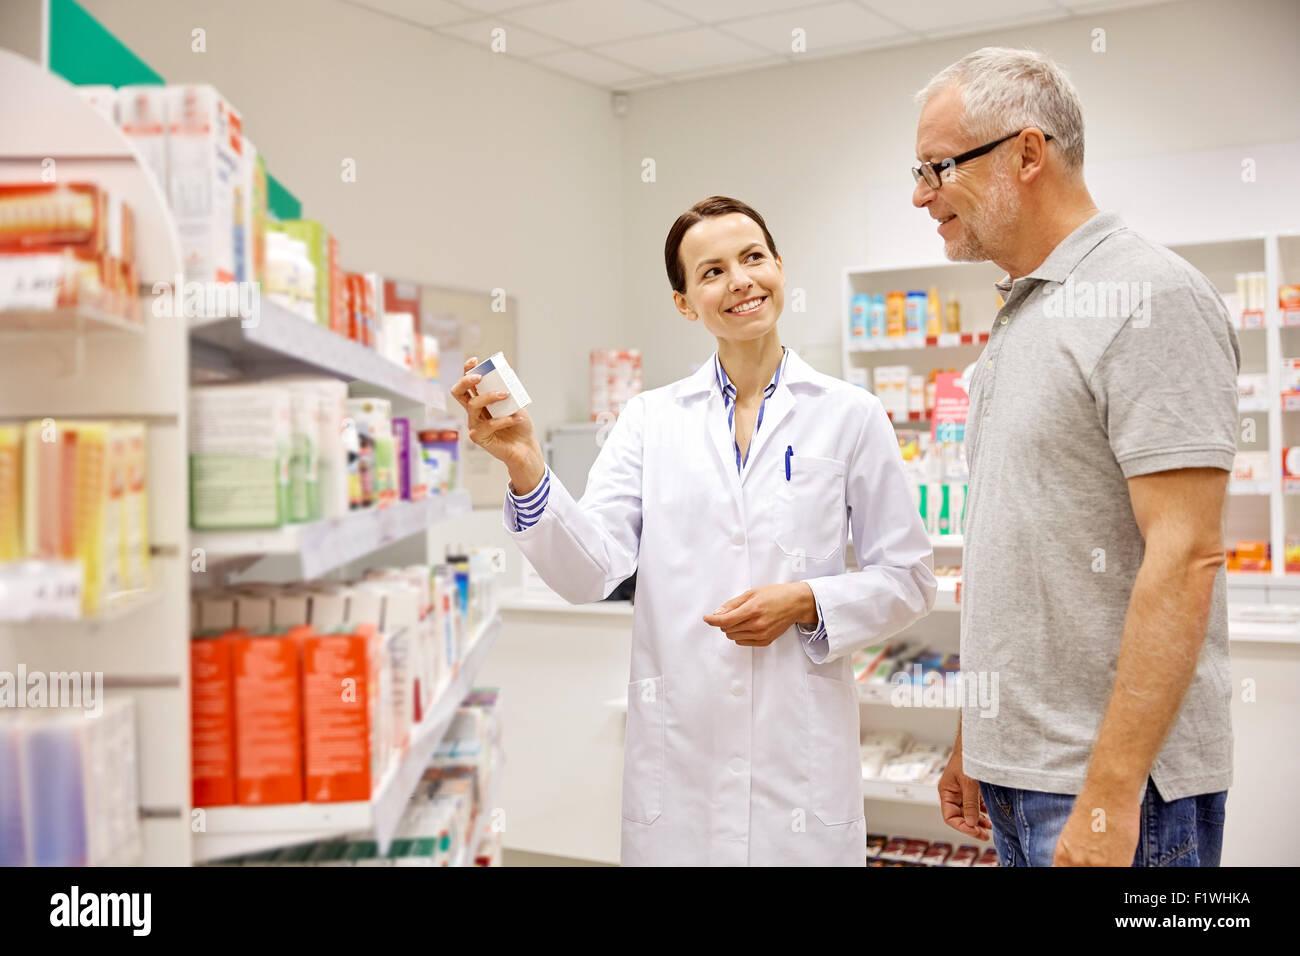 Apotheker zeigen Medikament senior woman in Apotheke Stockbild